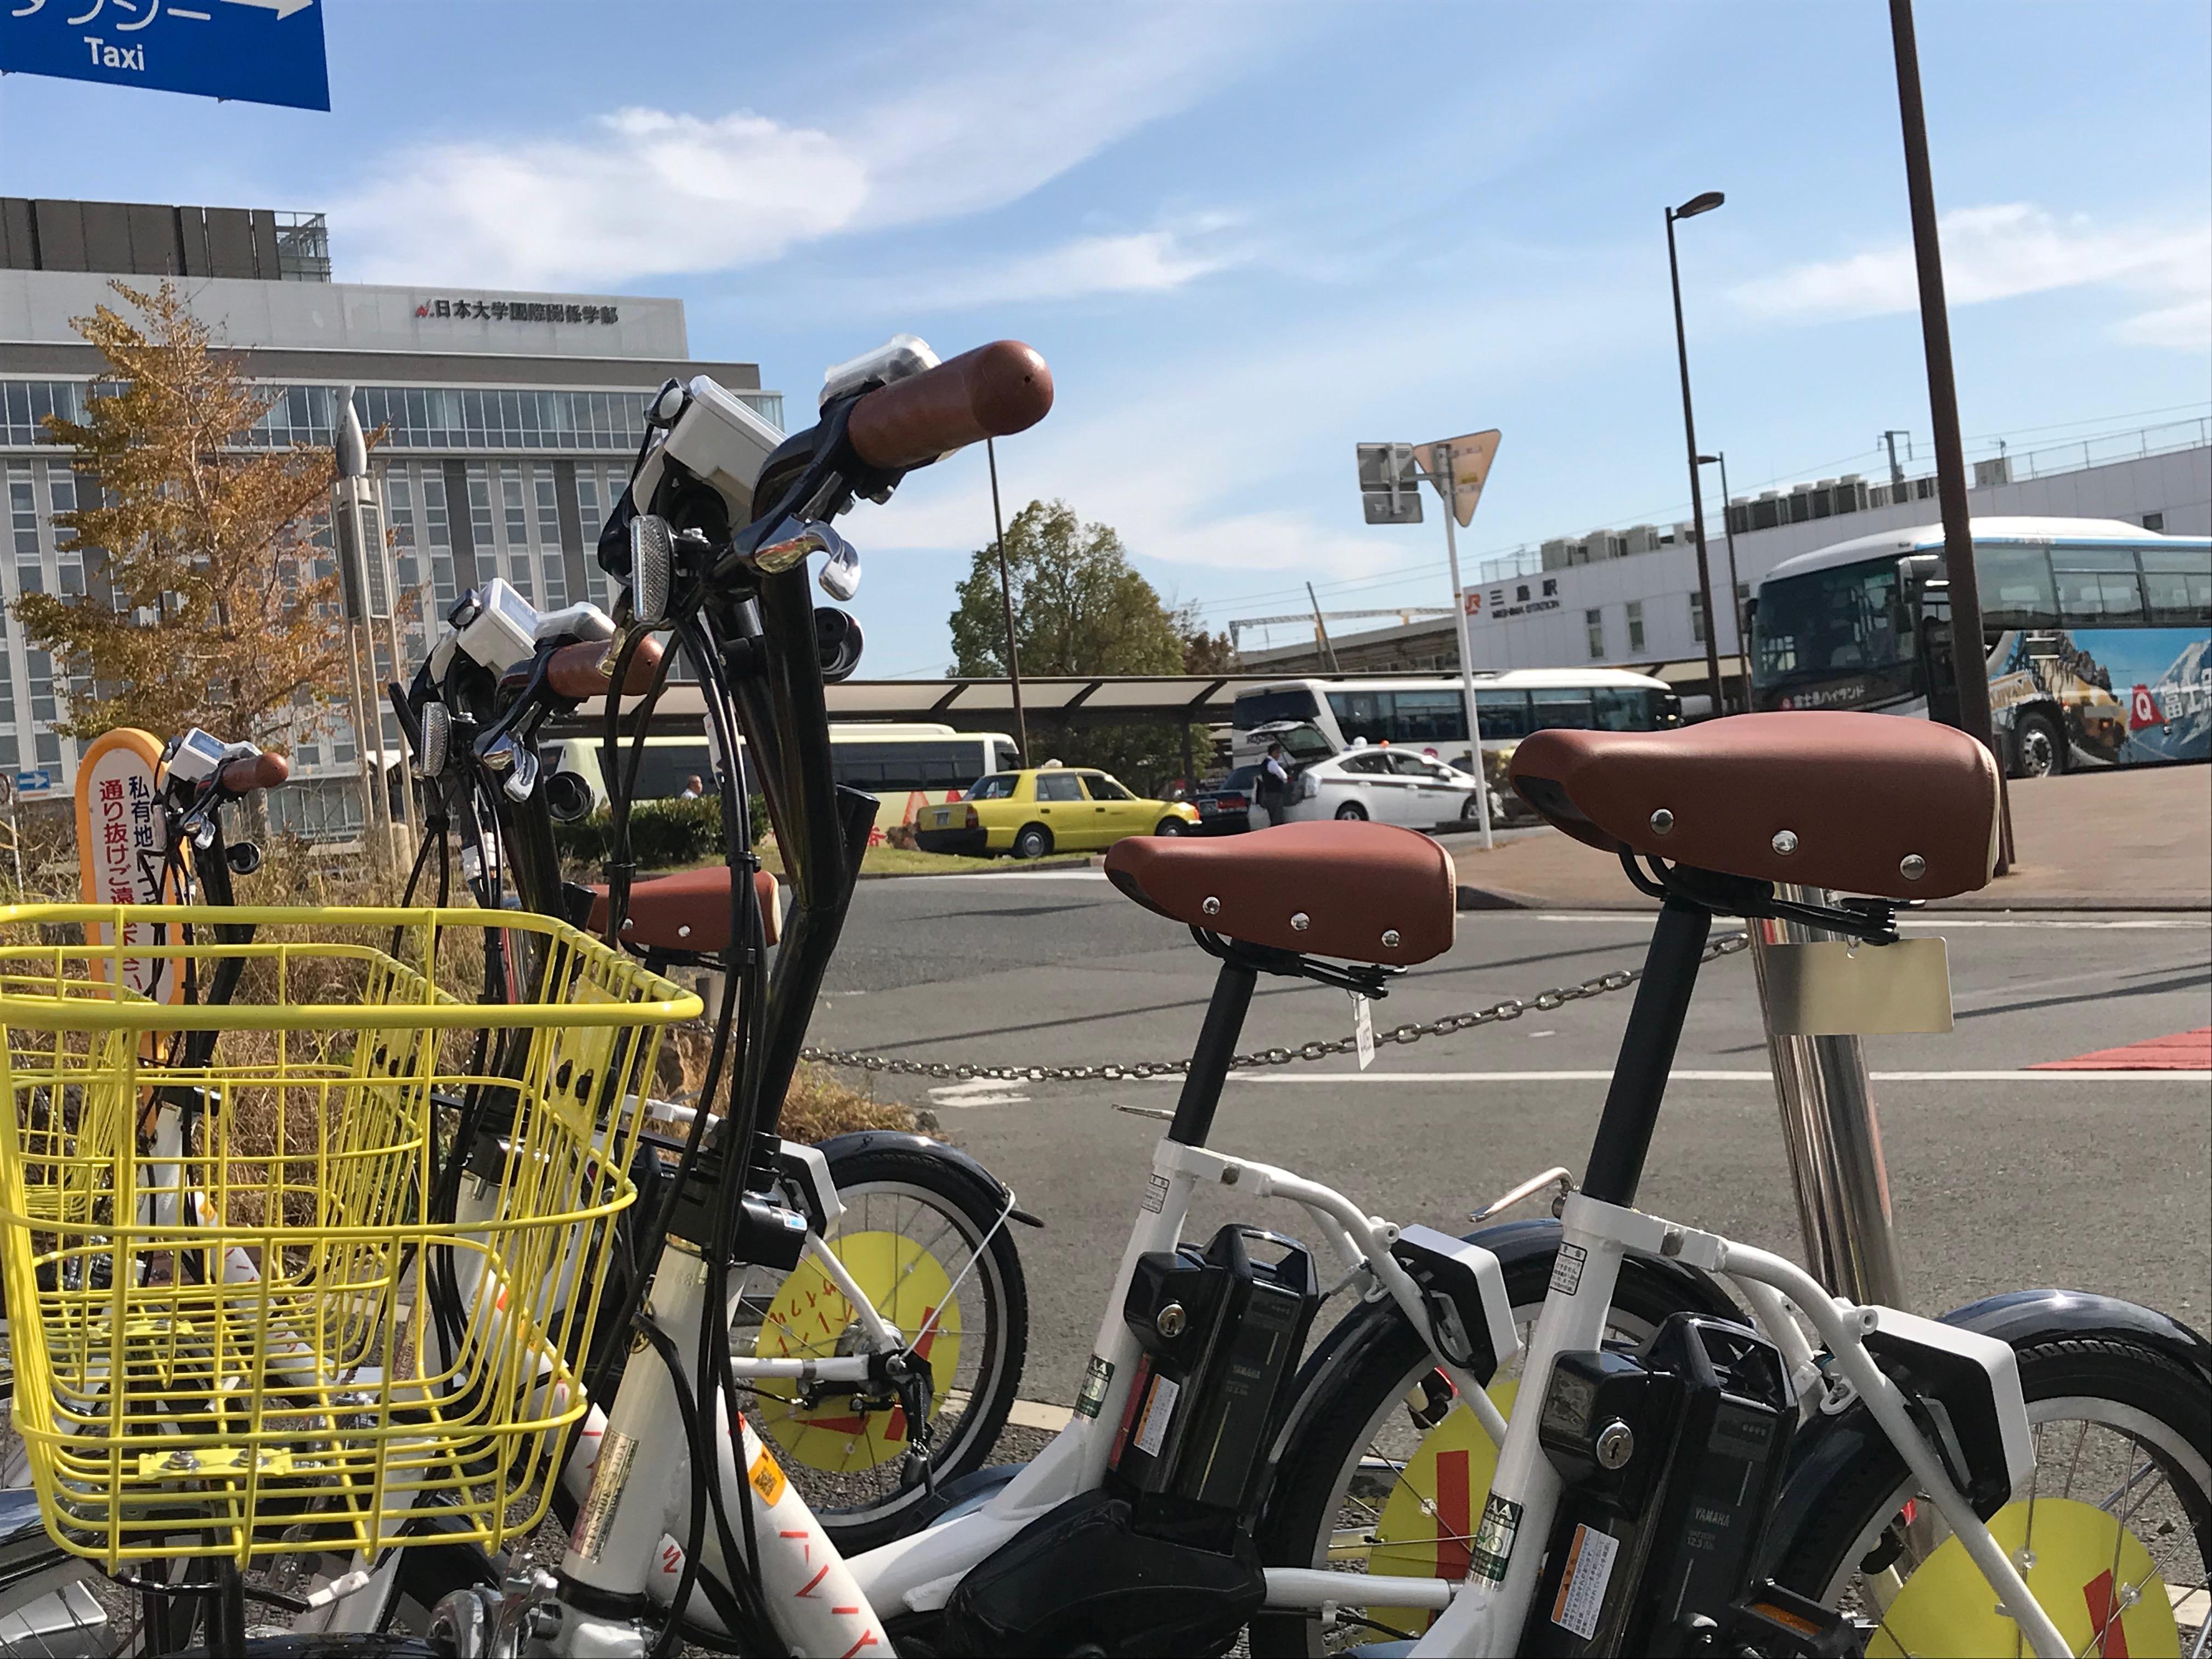 加和太建設本社 南側 駐車場 (HELLO CYCLING ポート) image